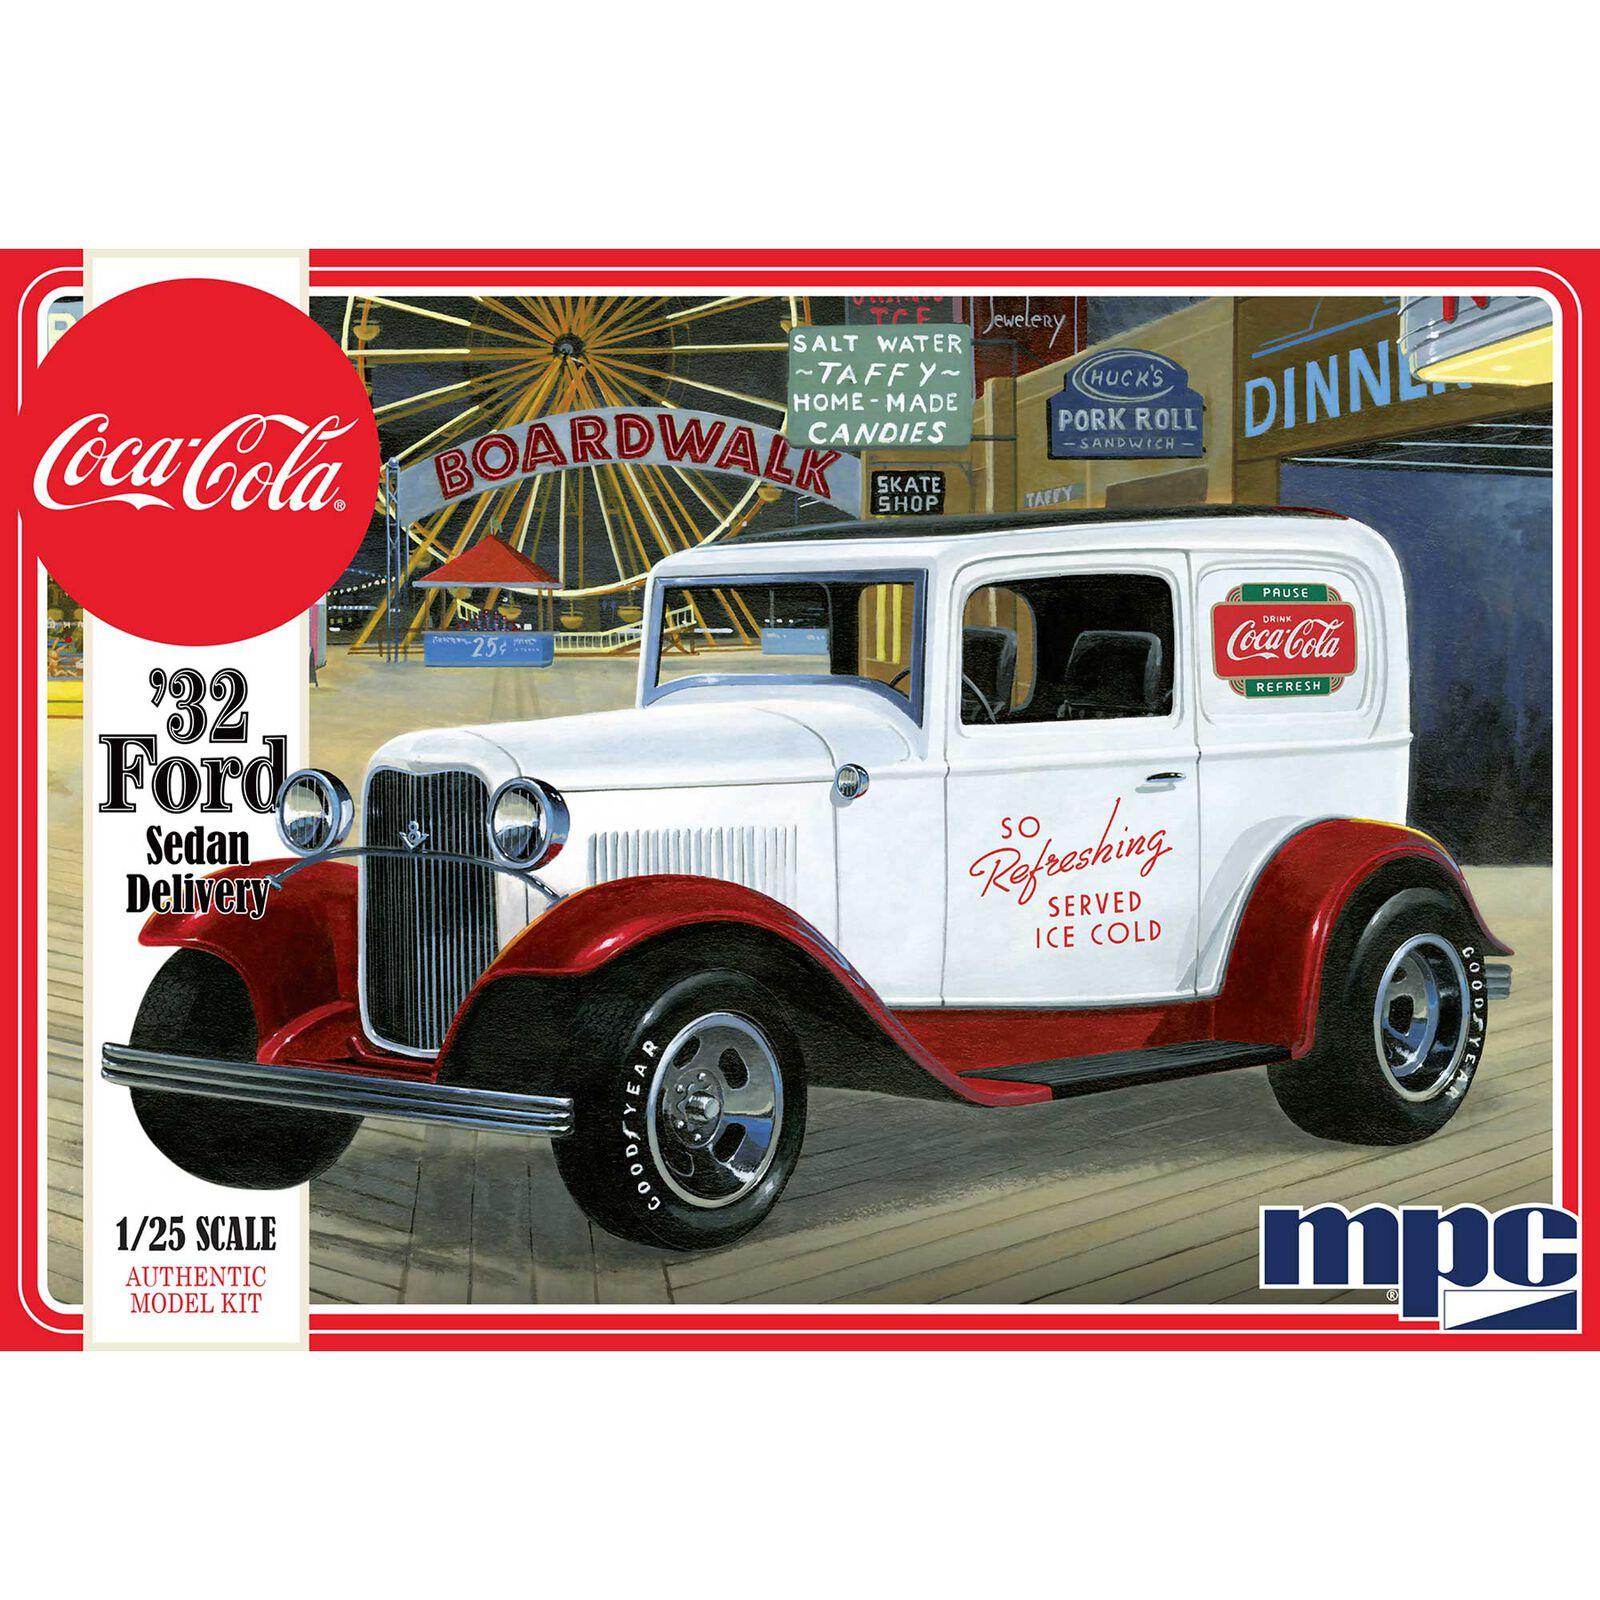 1 25 1932 Ford Sedan Delivery Truck Coca-Cola